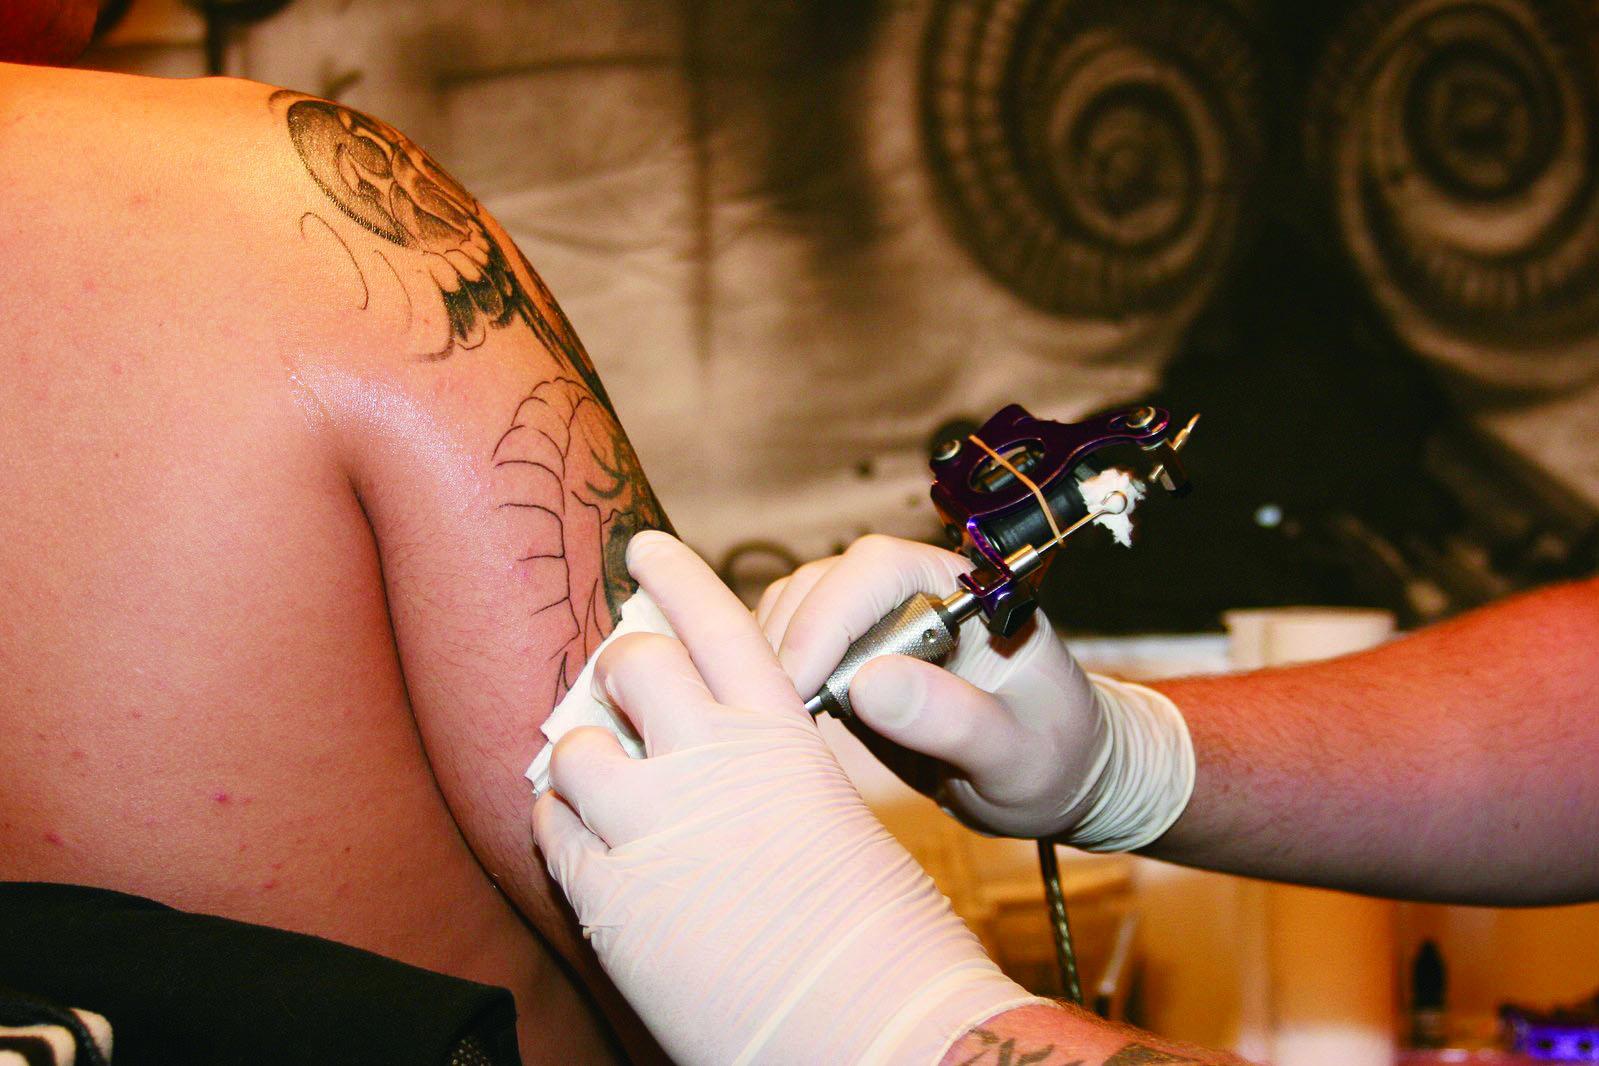 刺青有感染C肝風險 疾管署擬訂注意事項